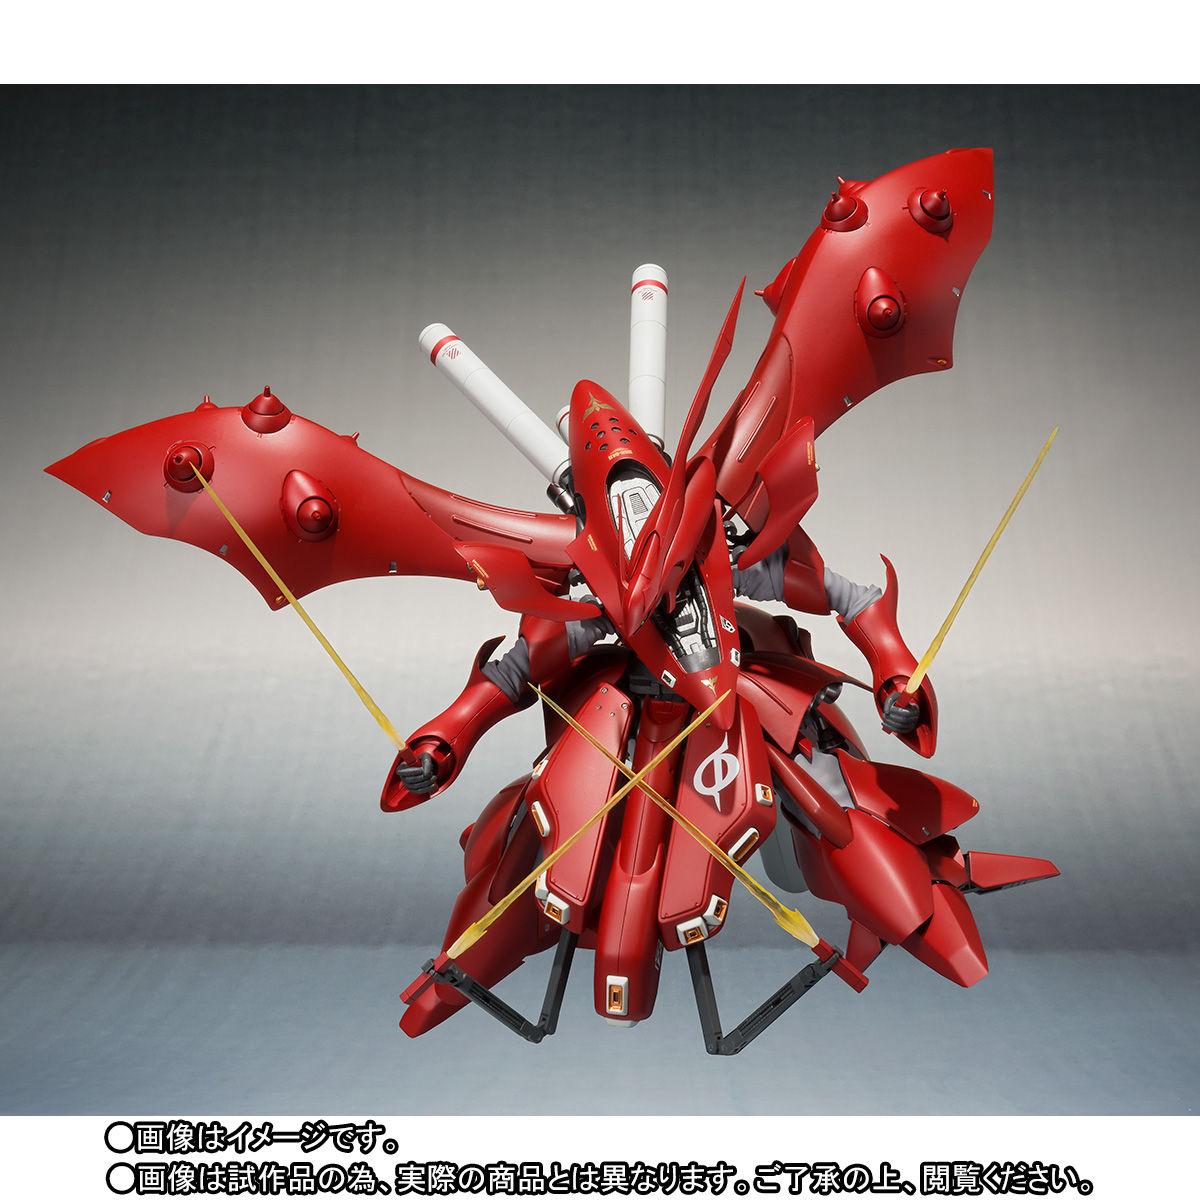 ROBOT魂 <SIDE MS>『ナイチンゲール(重塗装仕様)』可動フィギュア-004